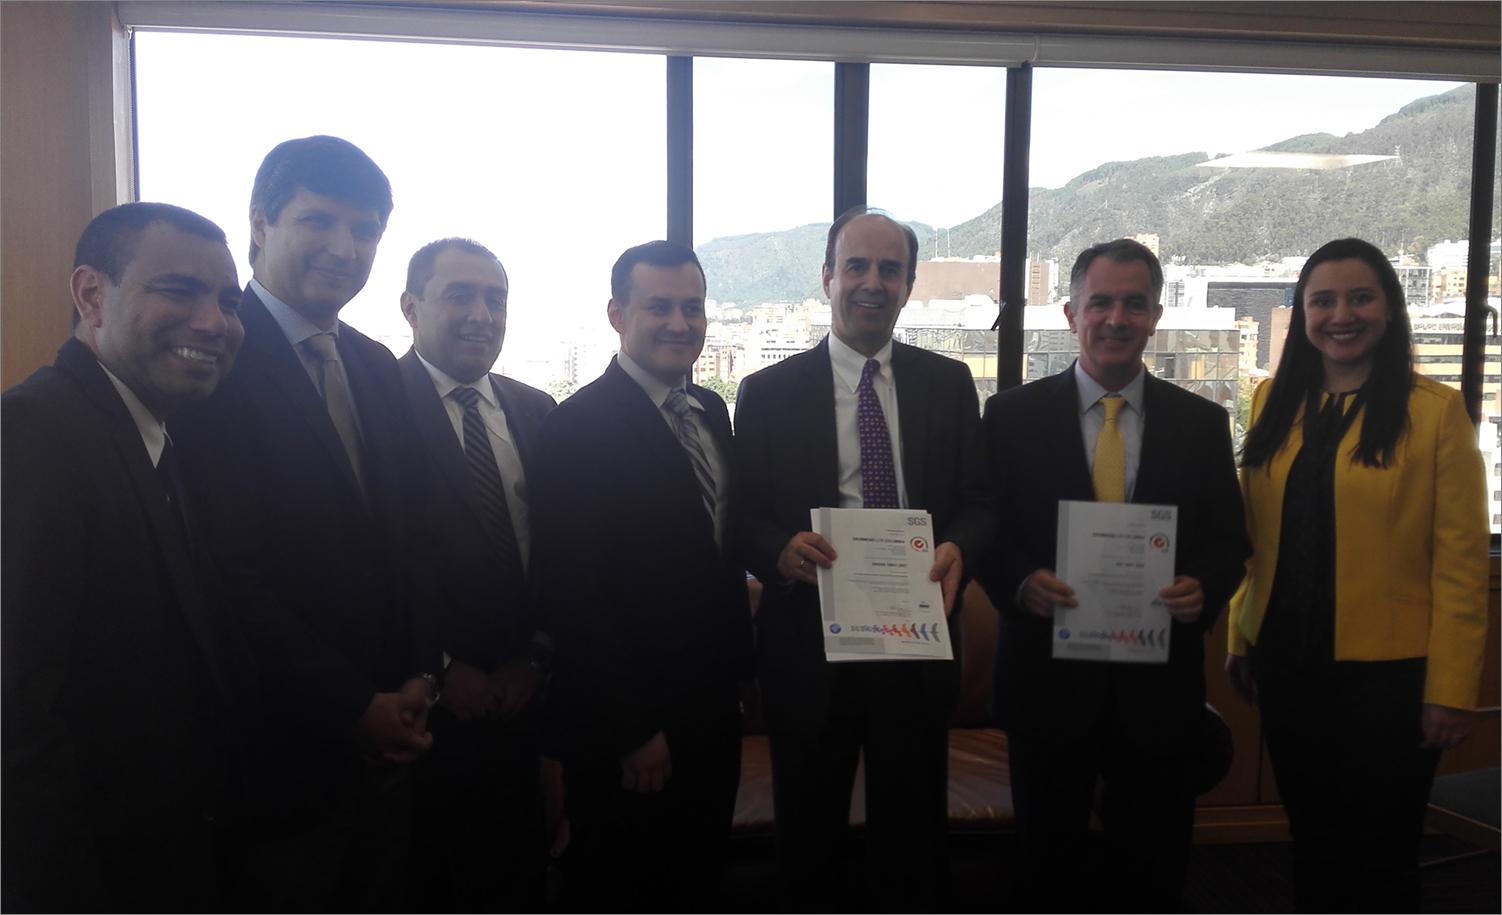 José Miguel Linares, presidente de Drummond Ltd,. y Alfonso Rubiano, Gerente de Planeación y Desarrollo de la División de Hidrocarburos de la compañía, reciben de parte de Ivan Domínguez y su equipo en SGS las certificaciones ISO 14001 y OHSAS 18001.